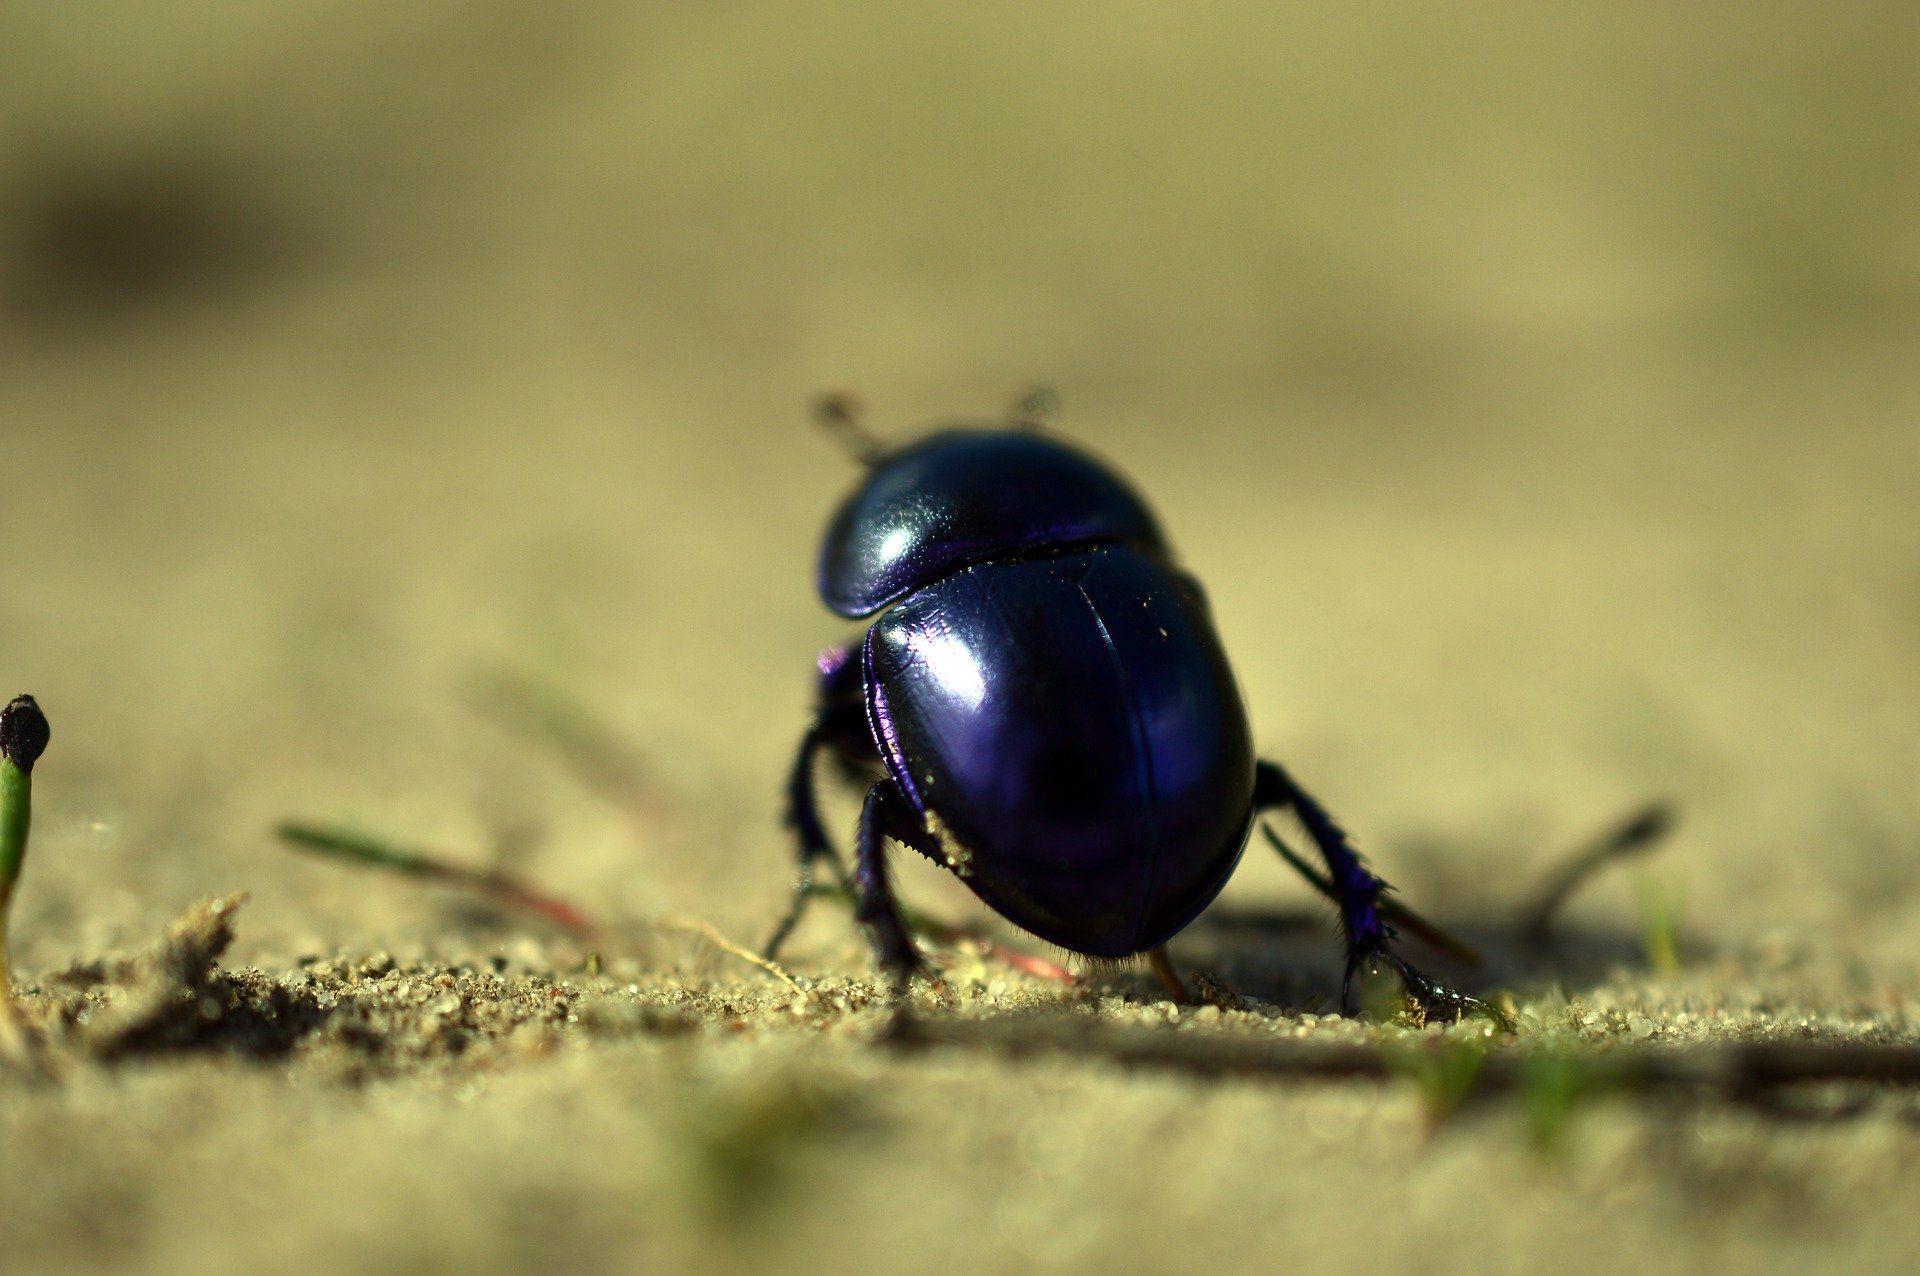 Смотреть фото большого черного жука бесплатно